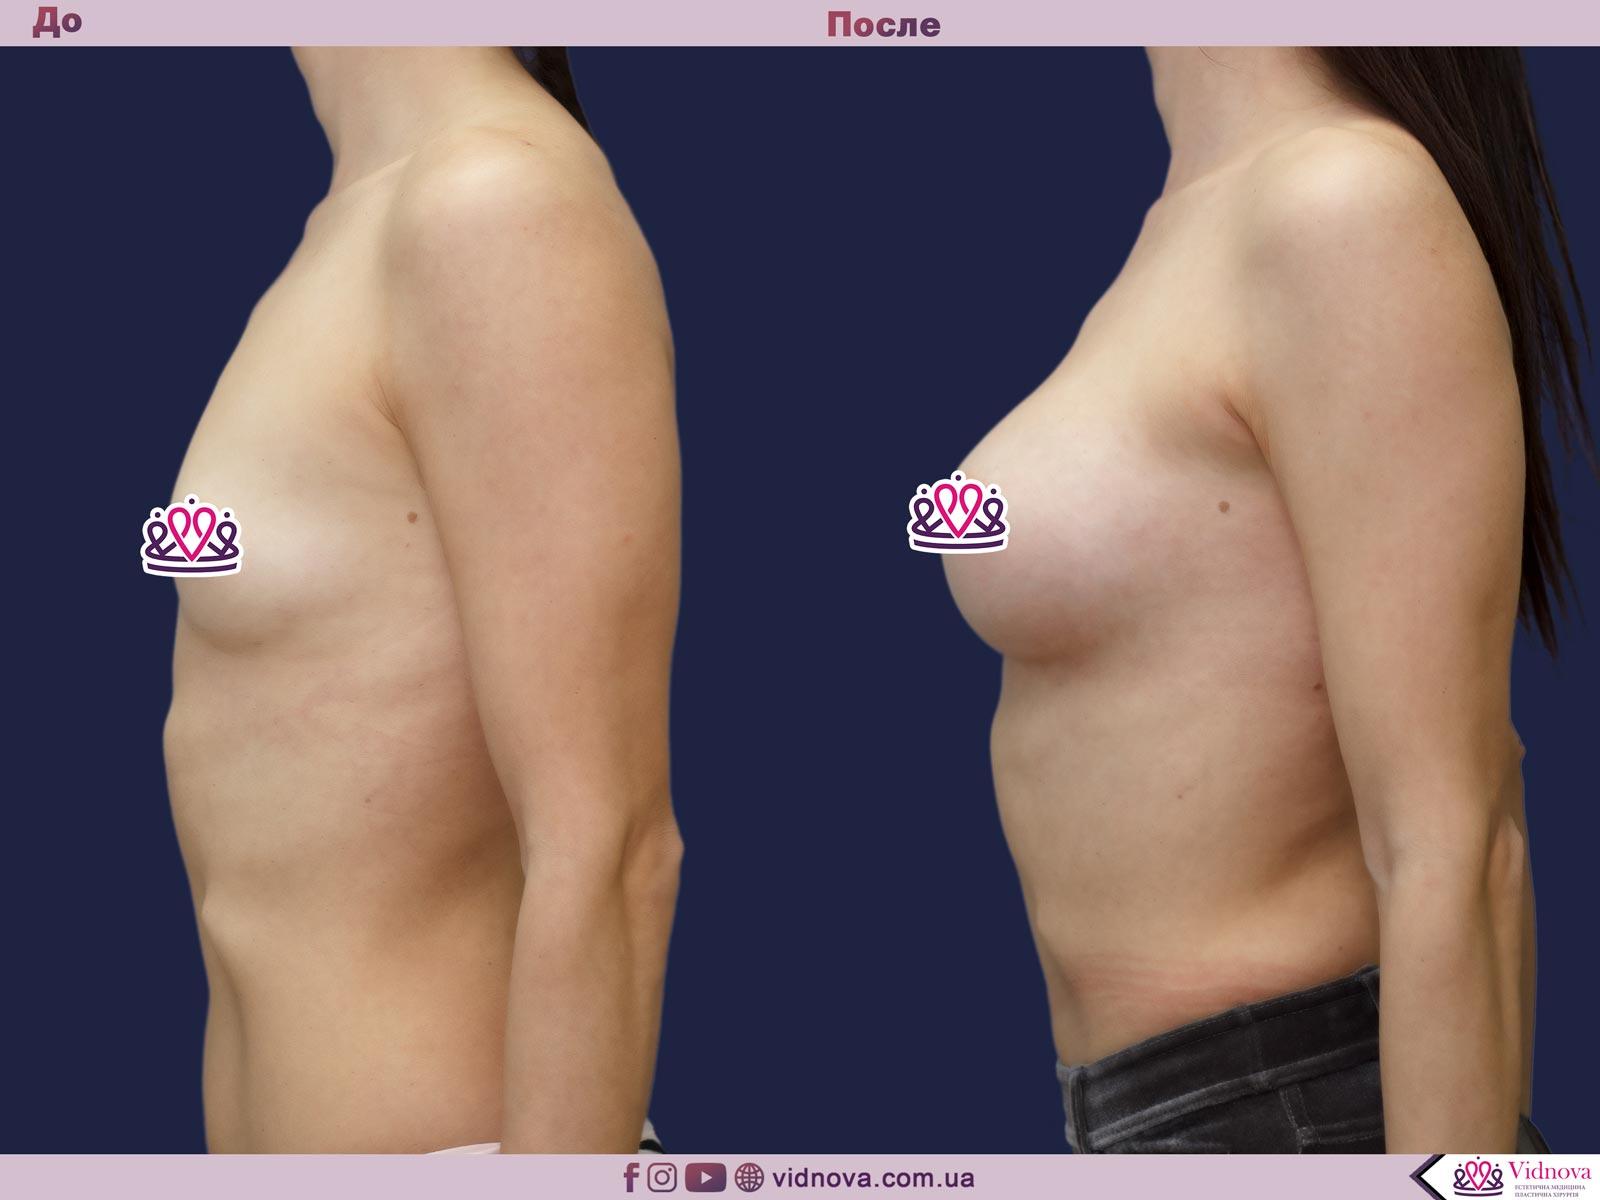 Пластика груди: результаты до и после - Пример №23-2 - Светлана Работенко